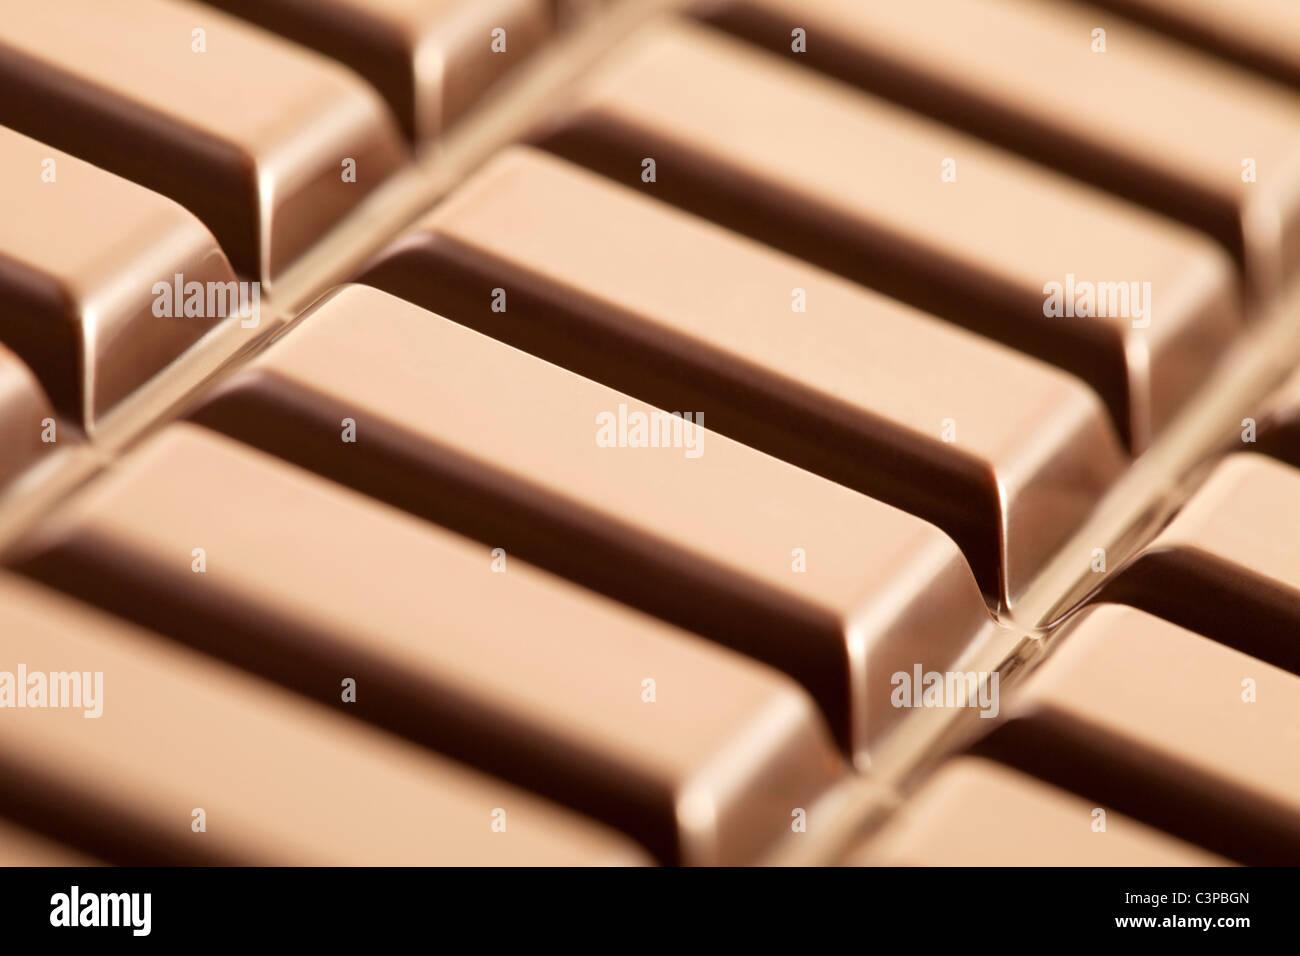 Barra di cioccolato, close-up, full frame Immagini Stock